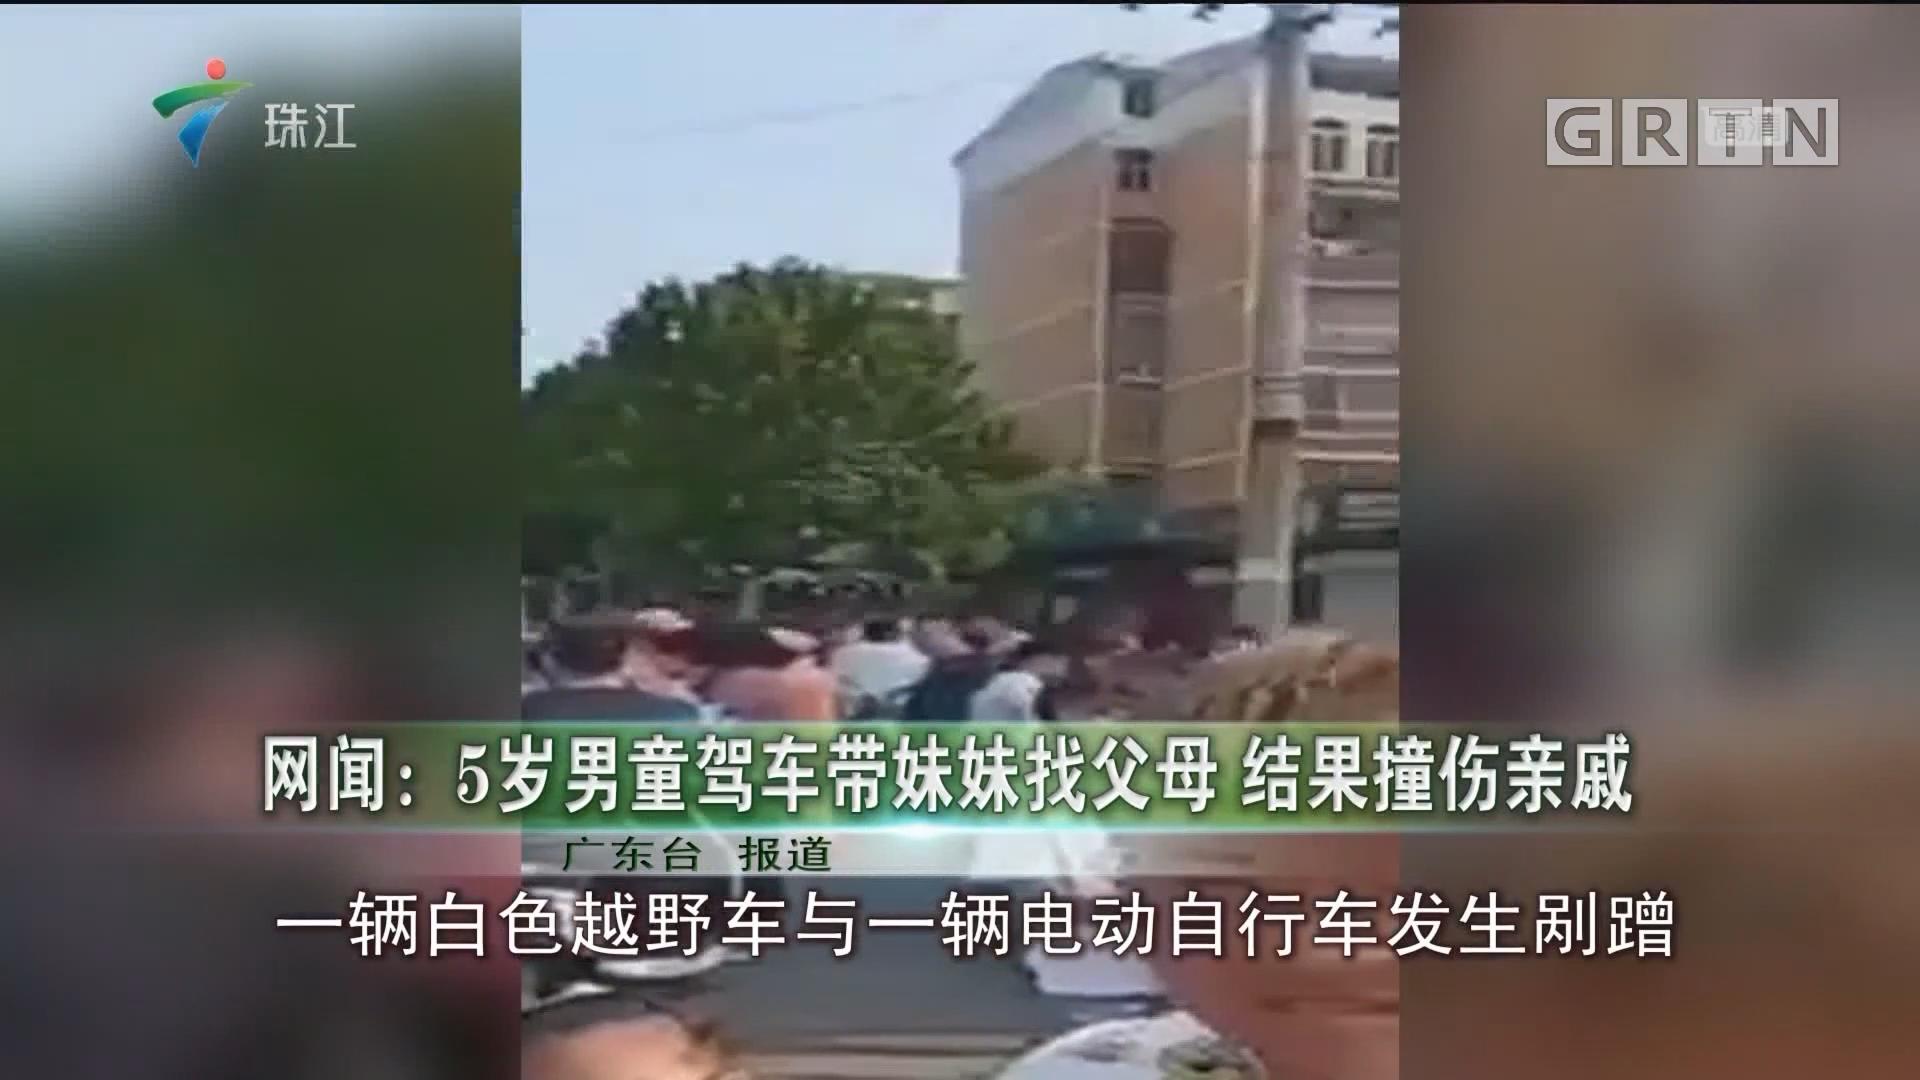 网闻:5岁男童驾车带妹妹找父母 结果撞伤亲戚